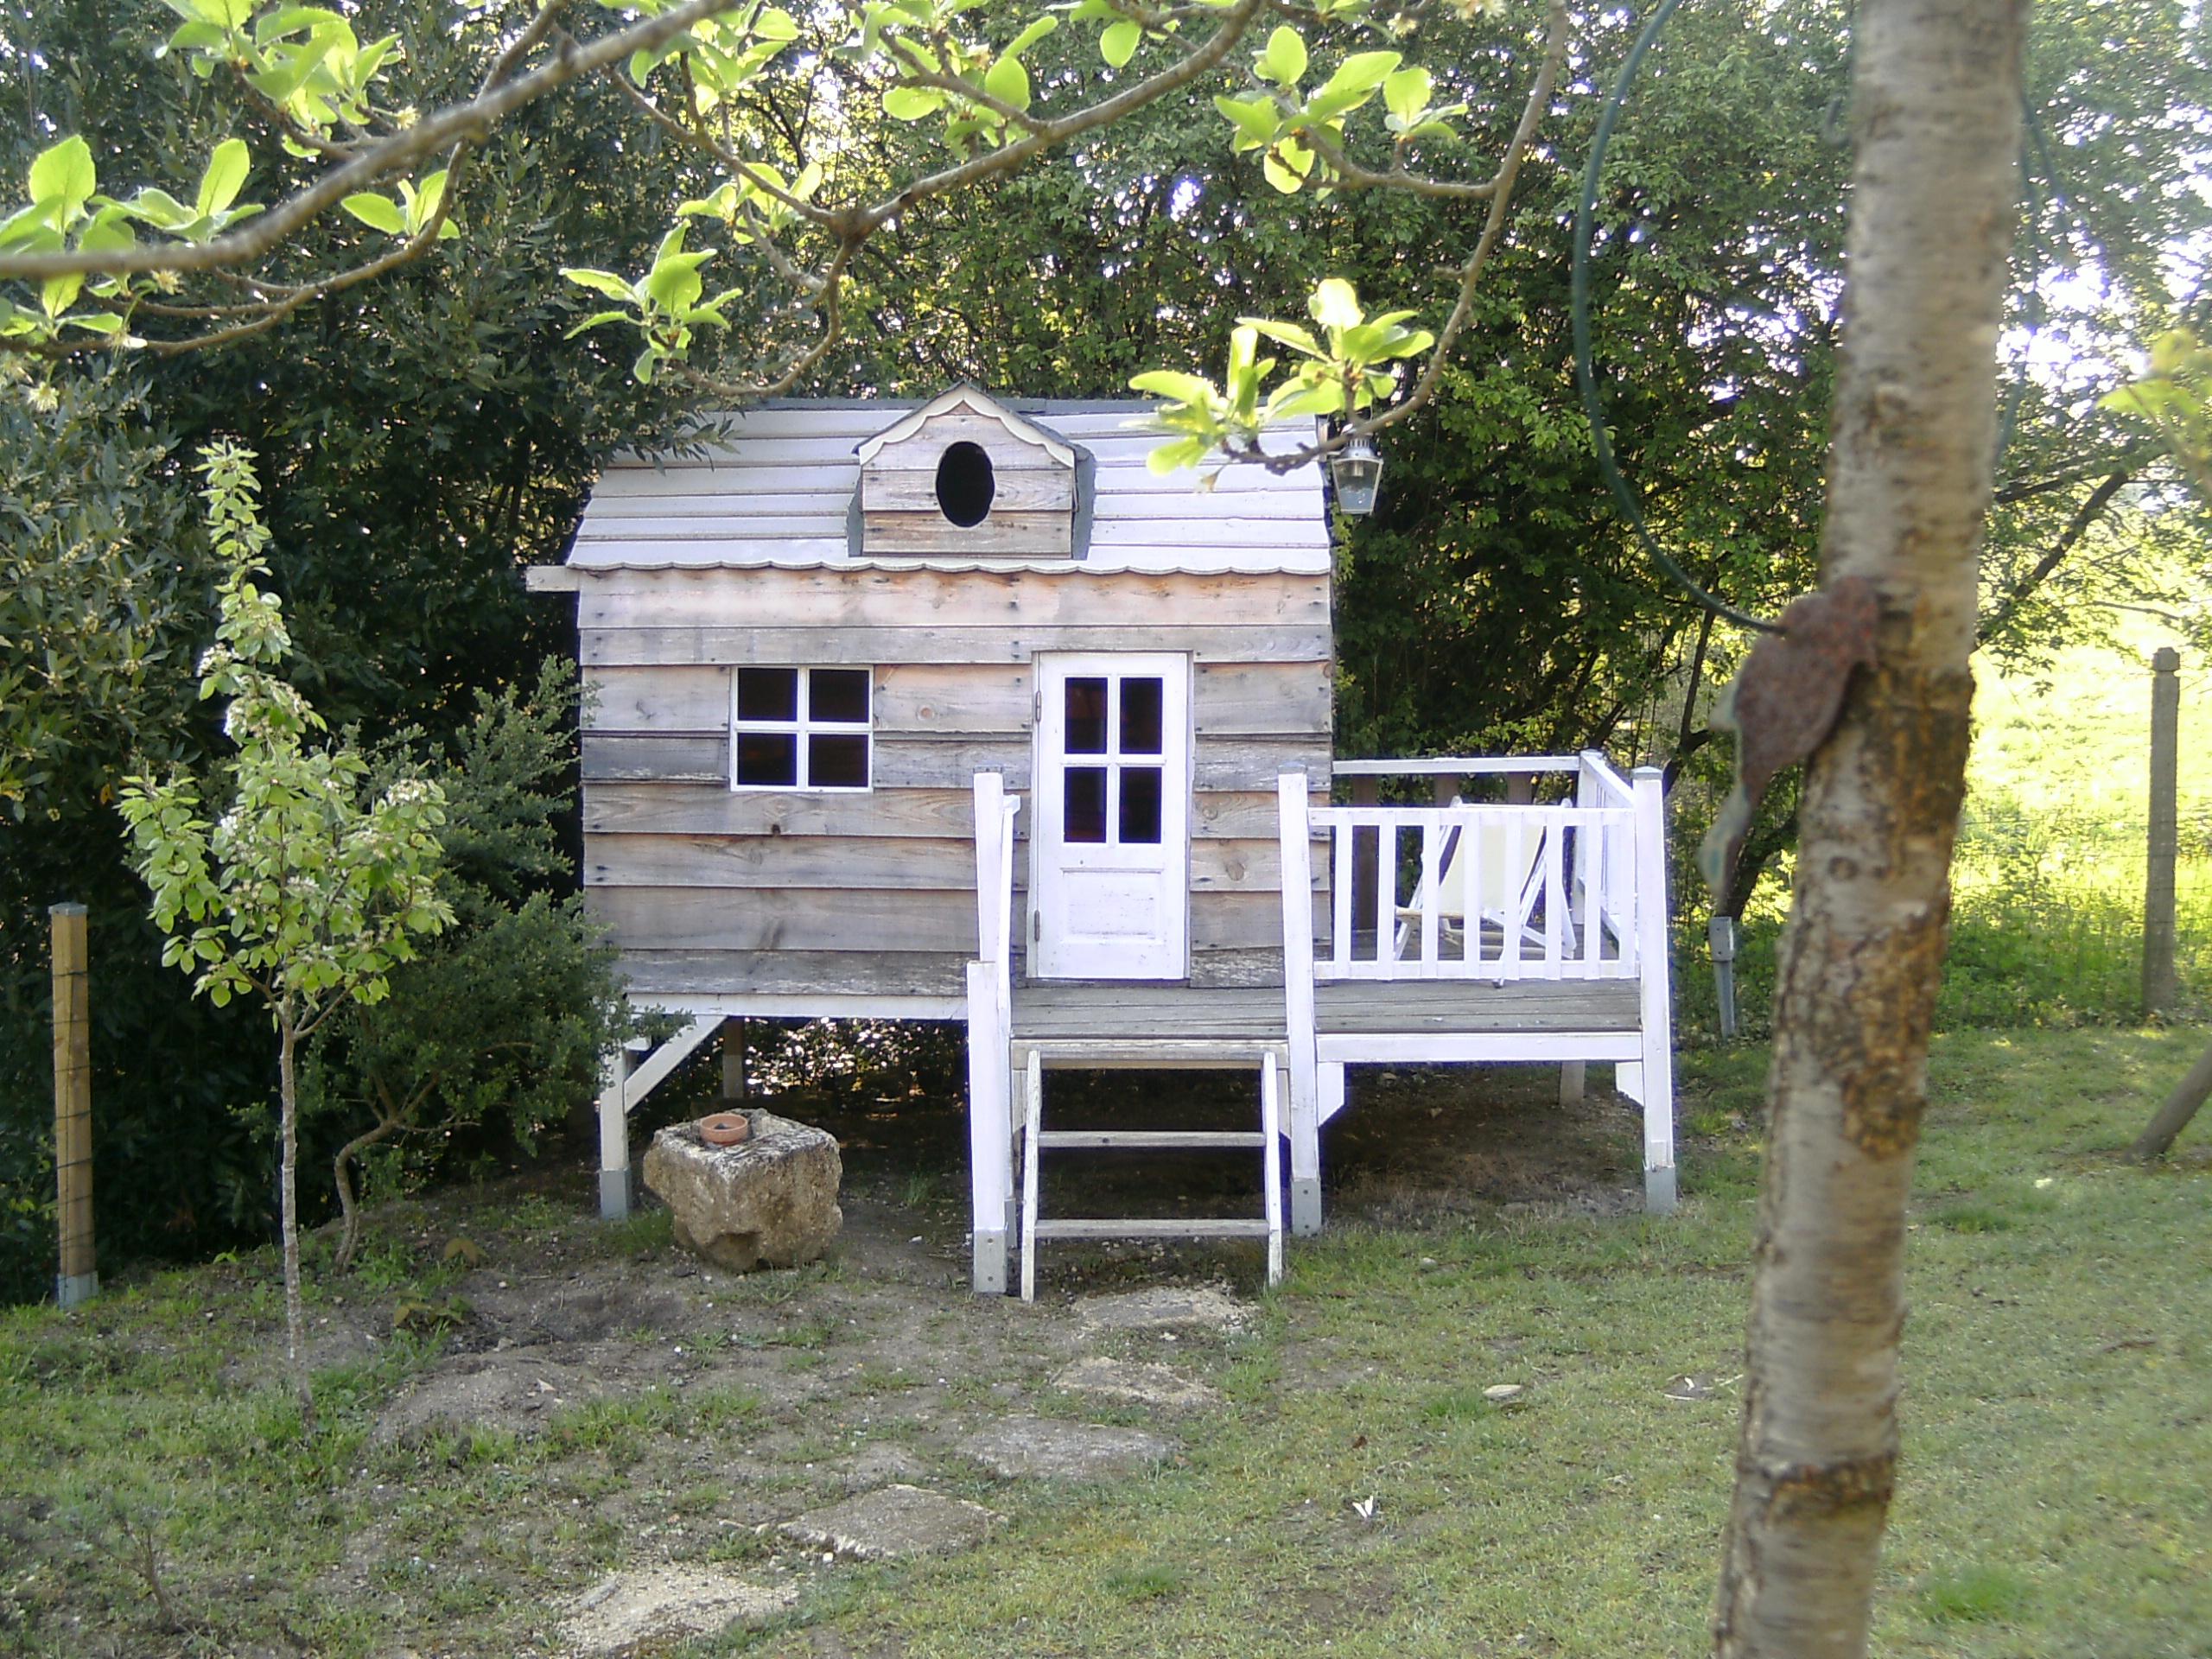 30 Cabanes Pour Les Enfants | Diaporama Photo destiné Cabane De Jardin Pour Enfants